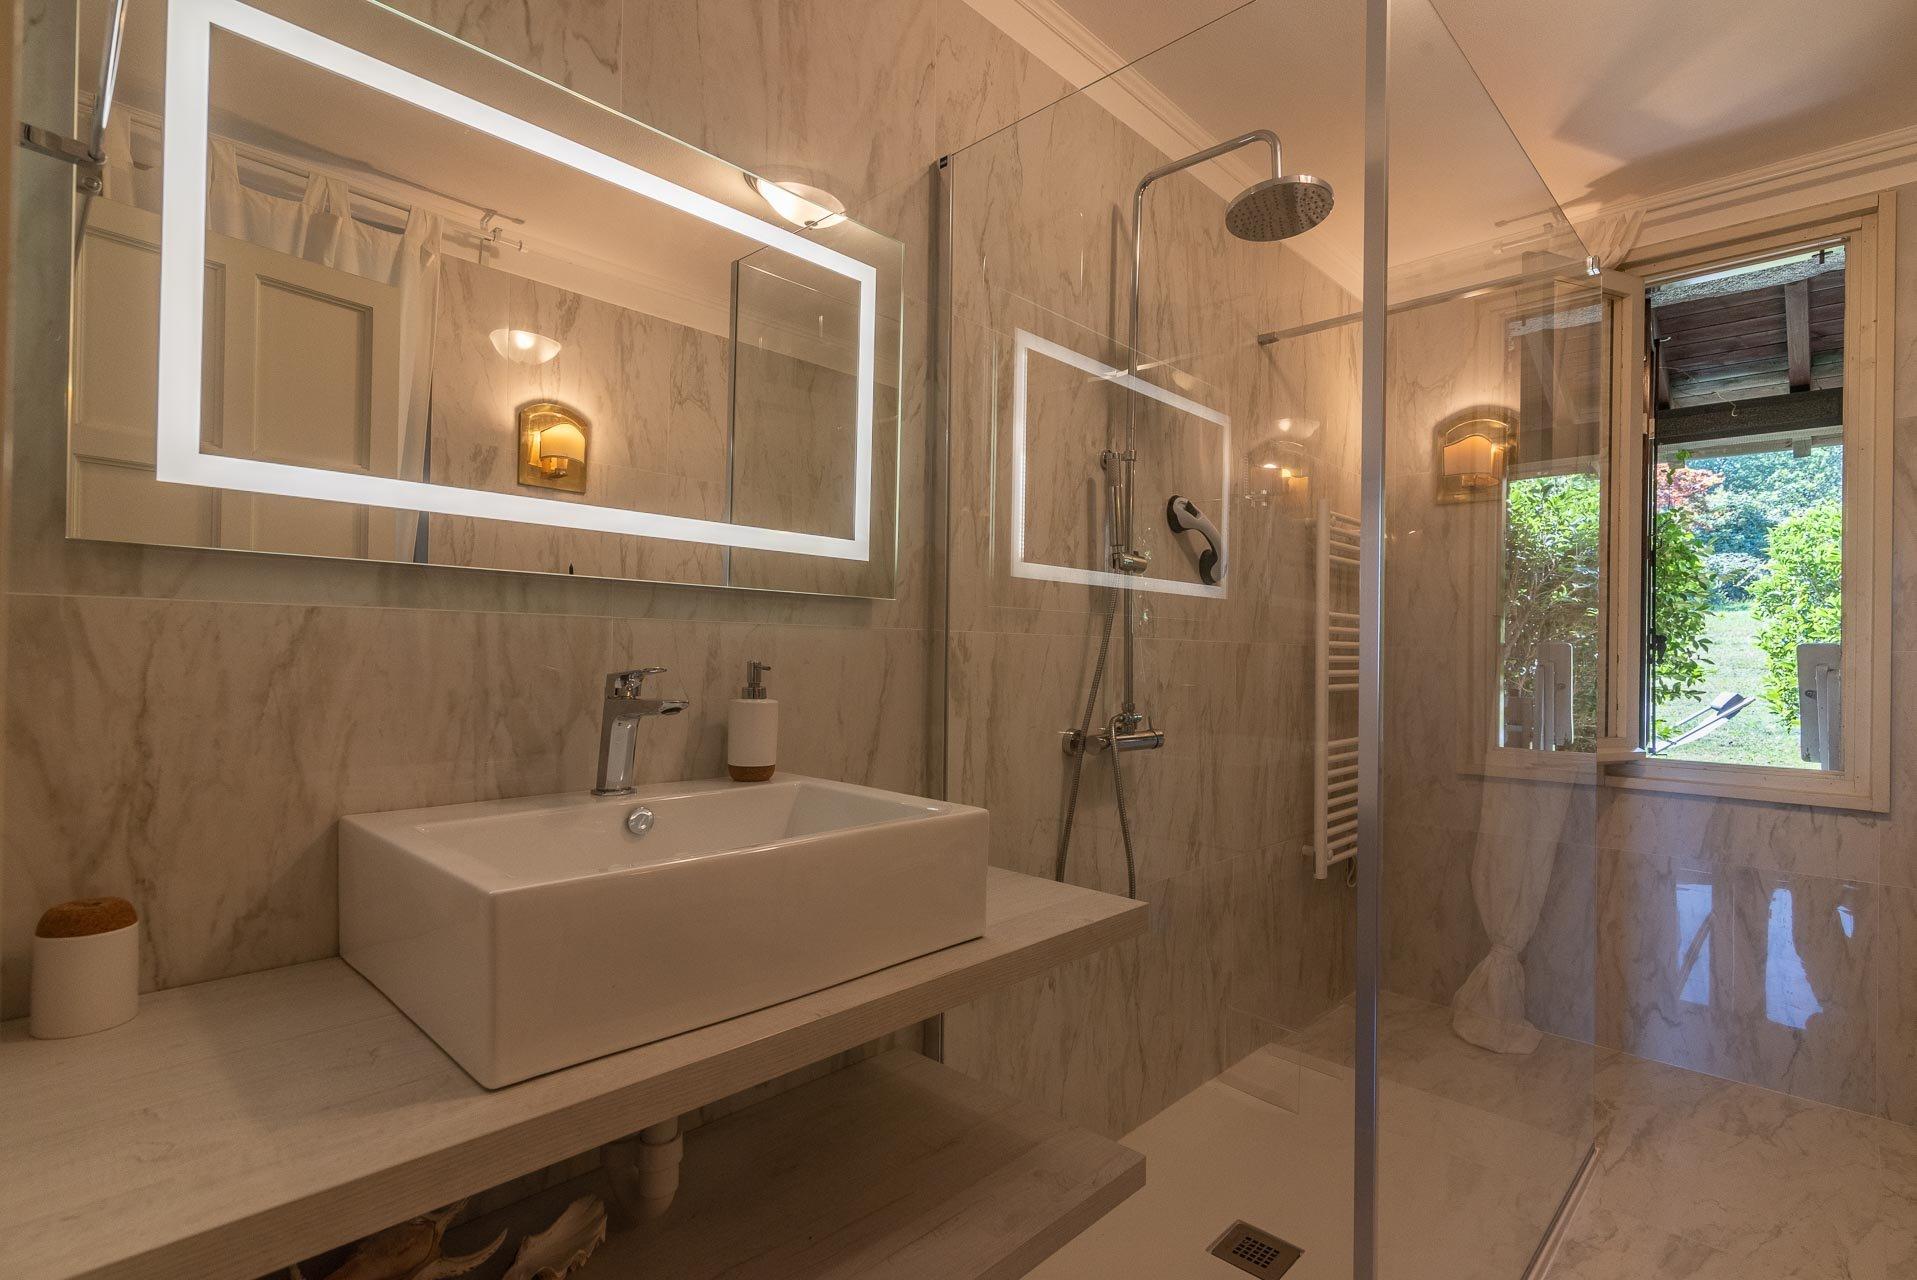 Villa con piscina in vendita a Gignese - bagno con doccia